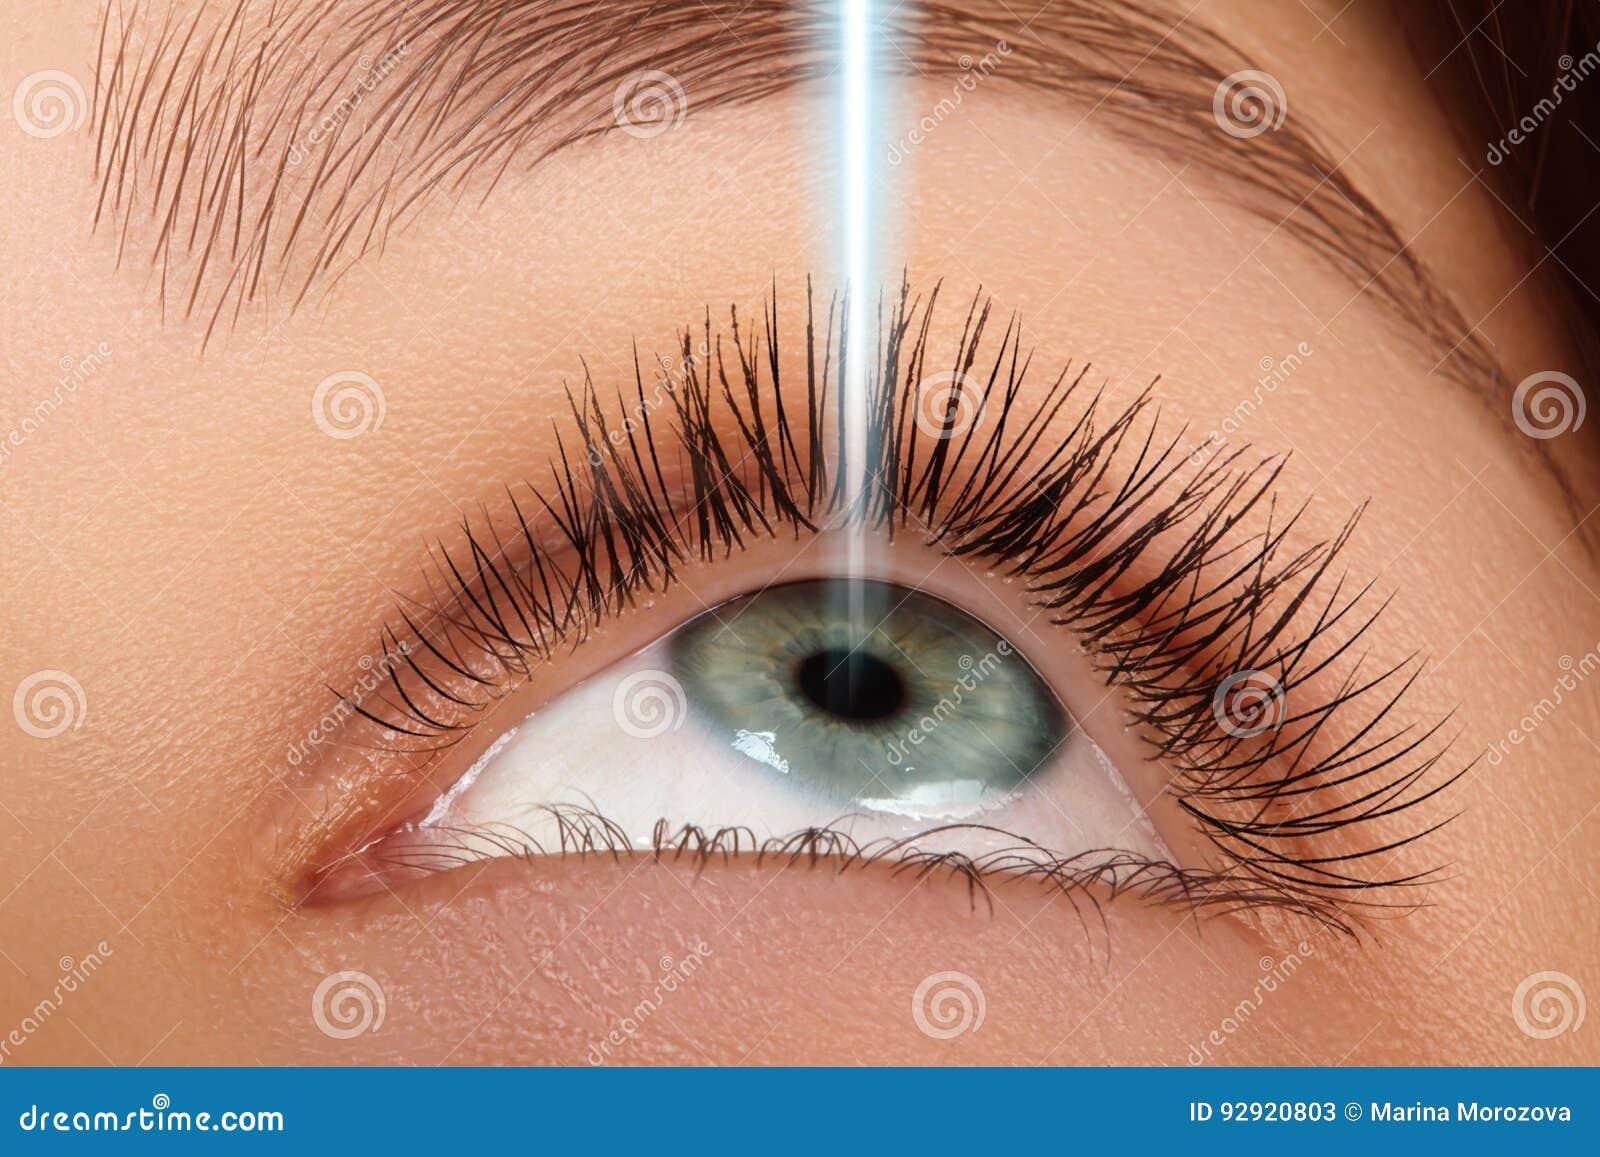 Χειρουργική επέμβαση και διόρθωση λέιζερ στο θηλυκό μάτι ομορφιάς Μακροεντολή των νέων ματιών με τις ακτίνες λέιζερ Υγειονομική π